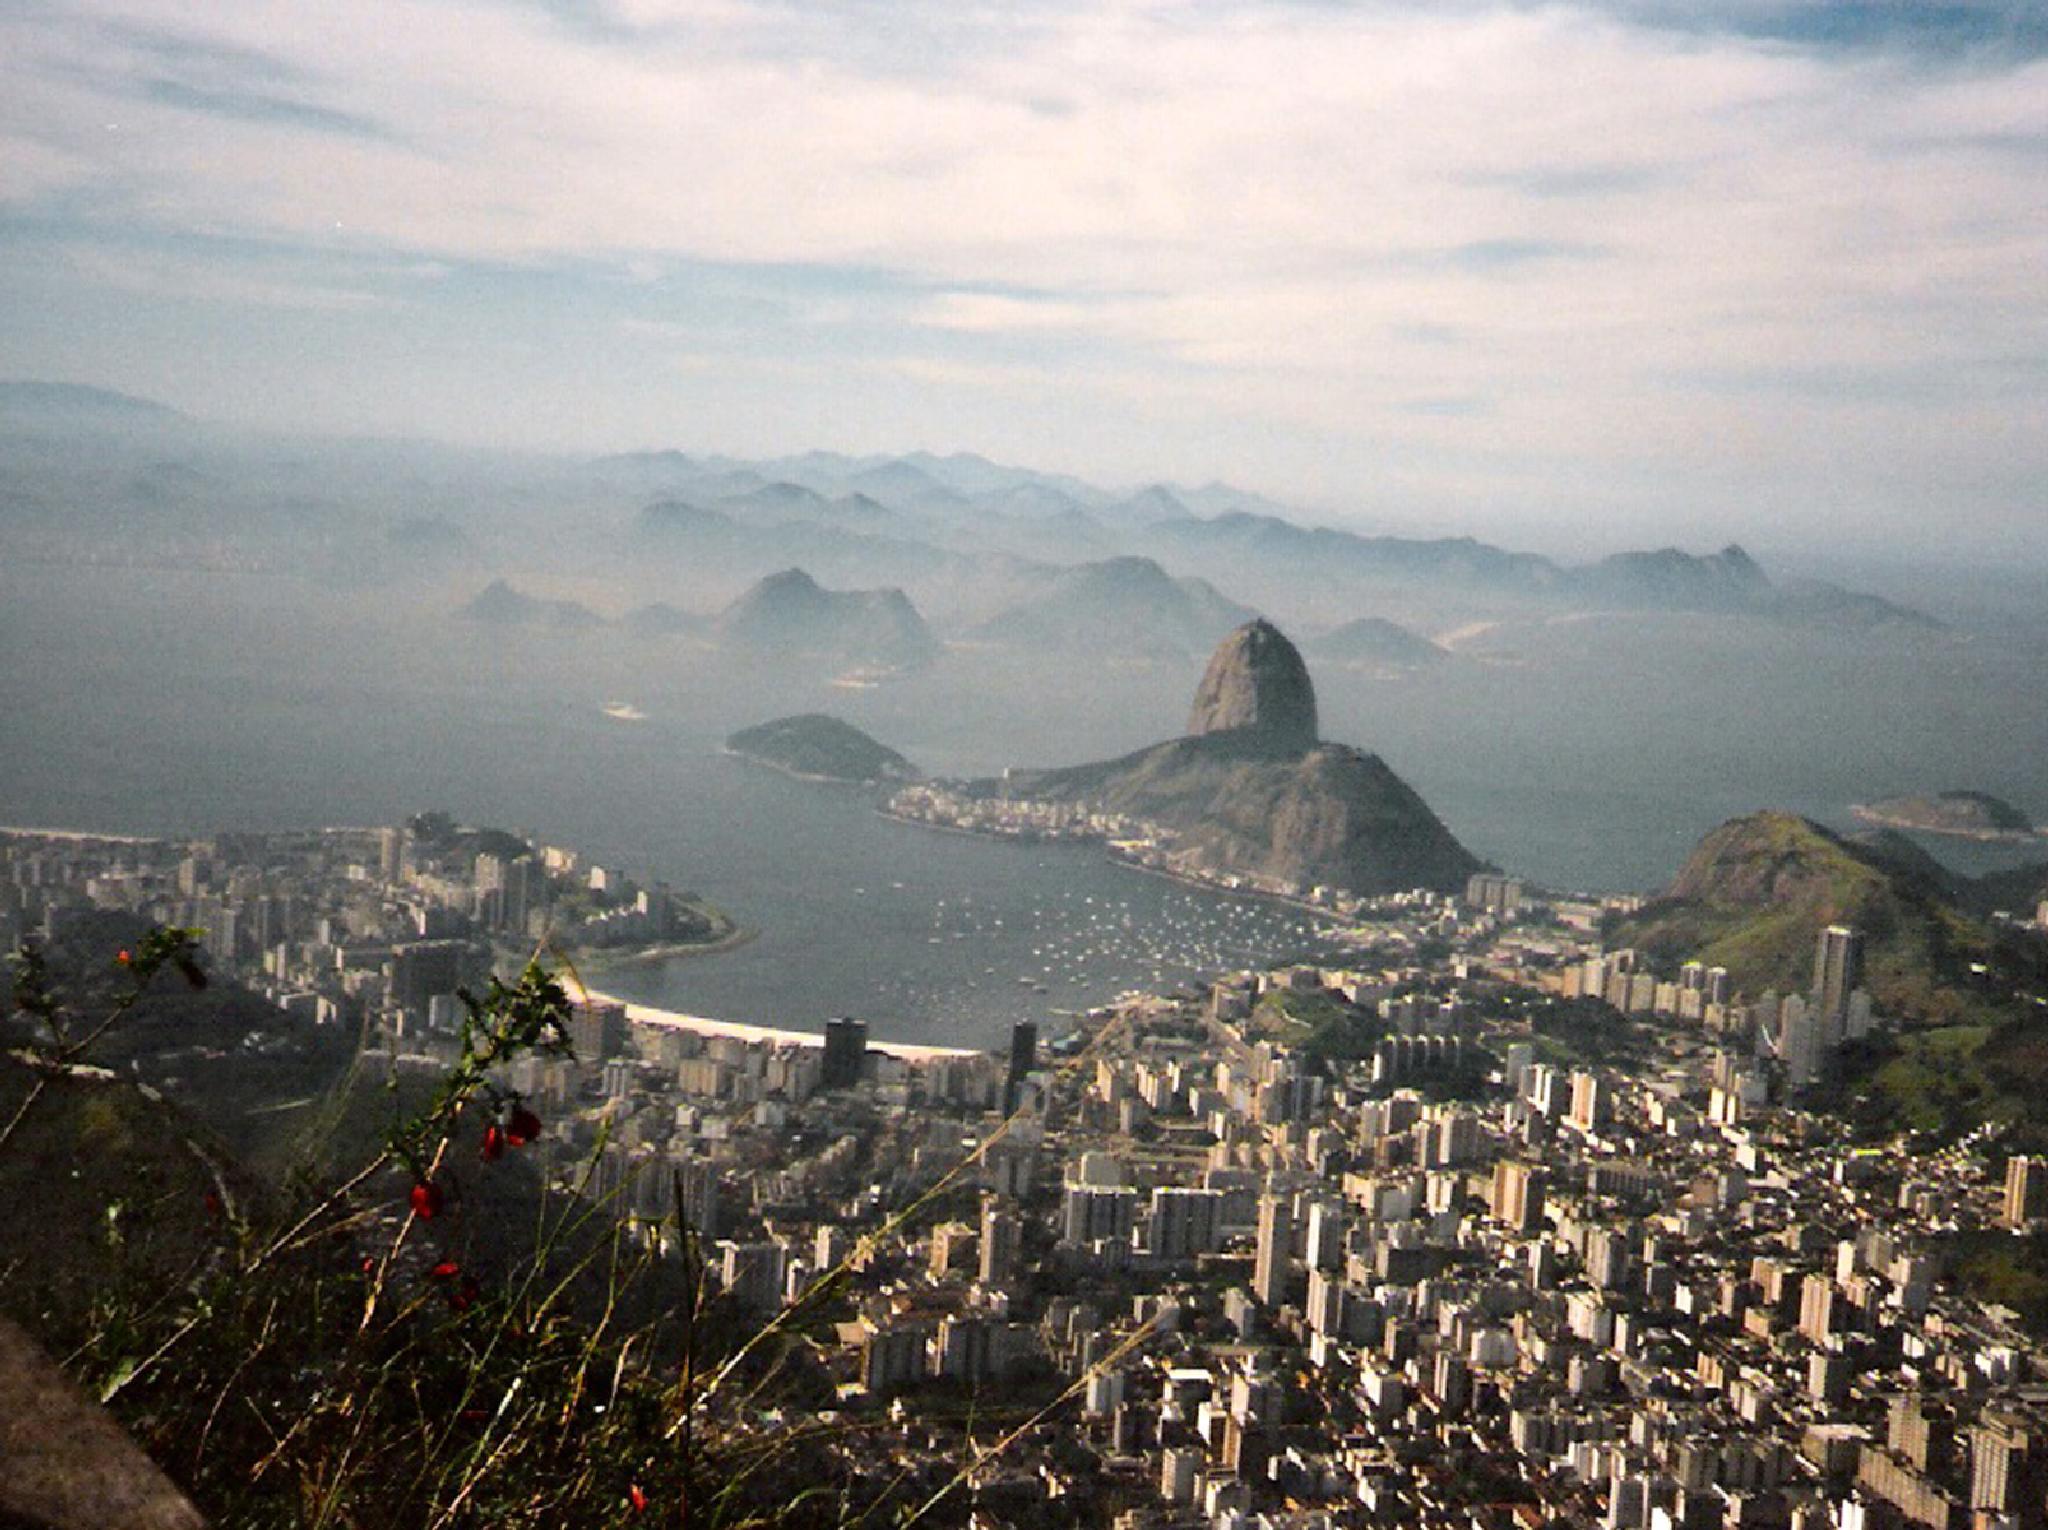 RIO DE JANEIRO PANORAMA by MarilynGraham